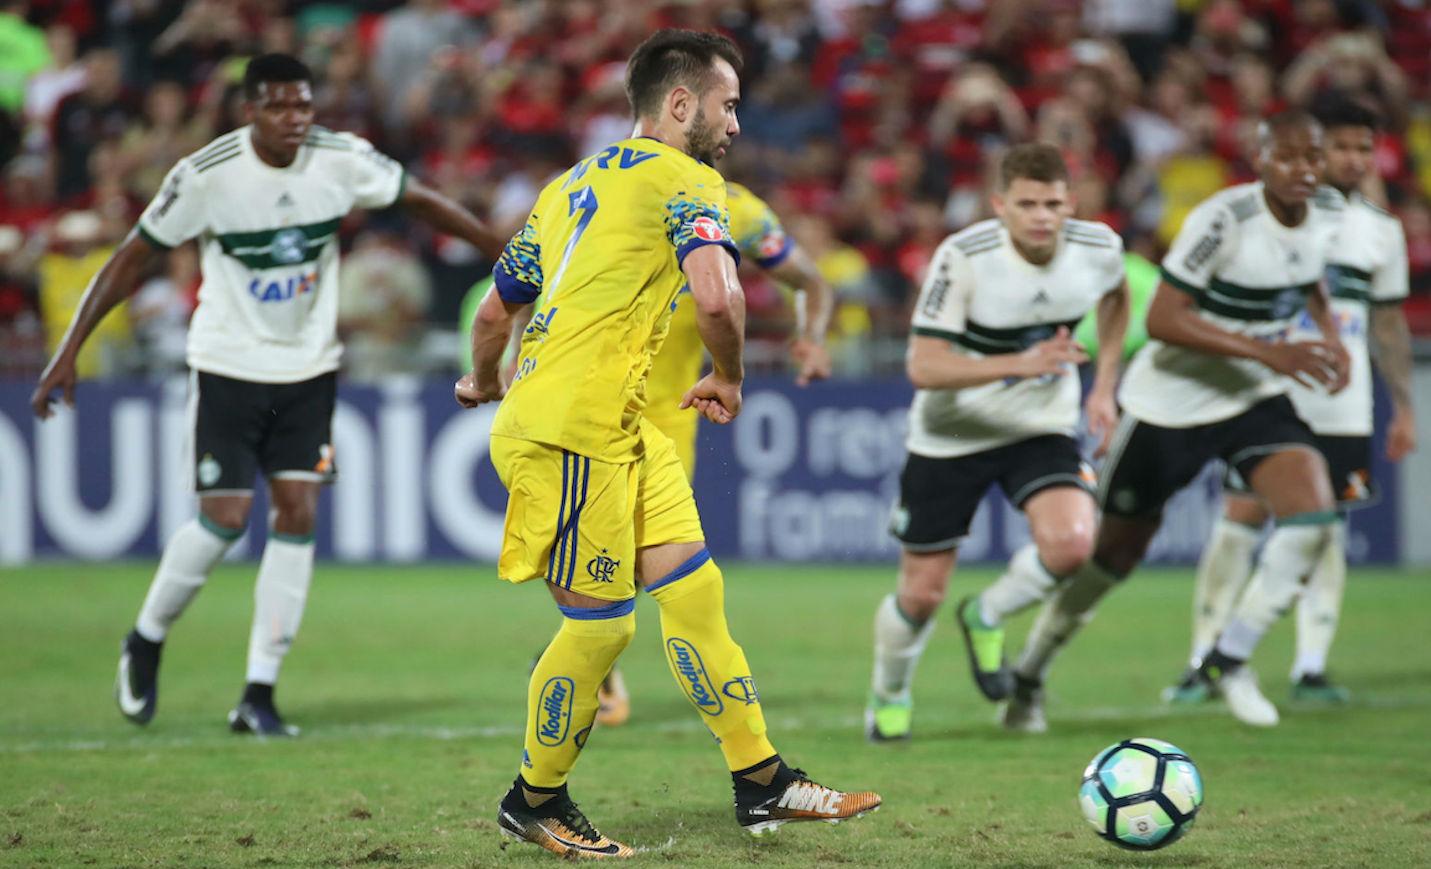 Everton Ribeiro cobra pênalti com estilo. Foto: Gilvan de Souza/Flamengo/Divulgação.